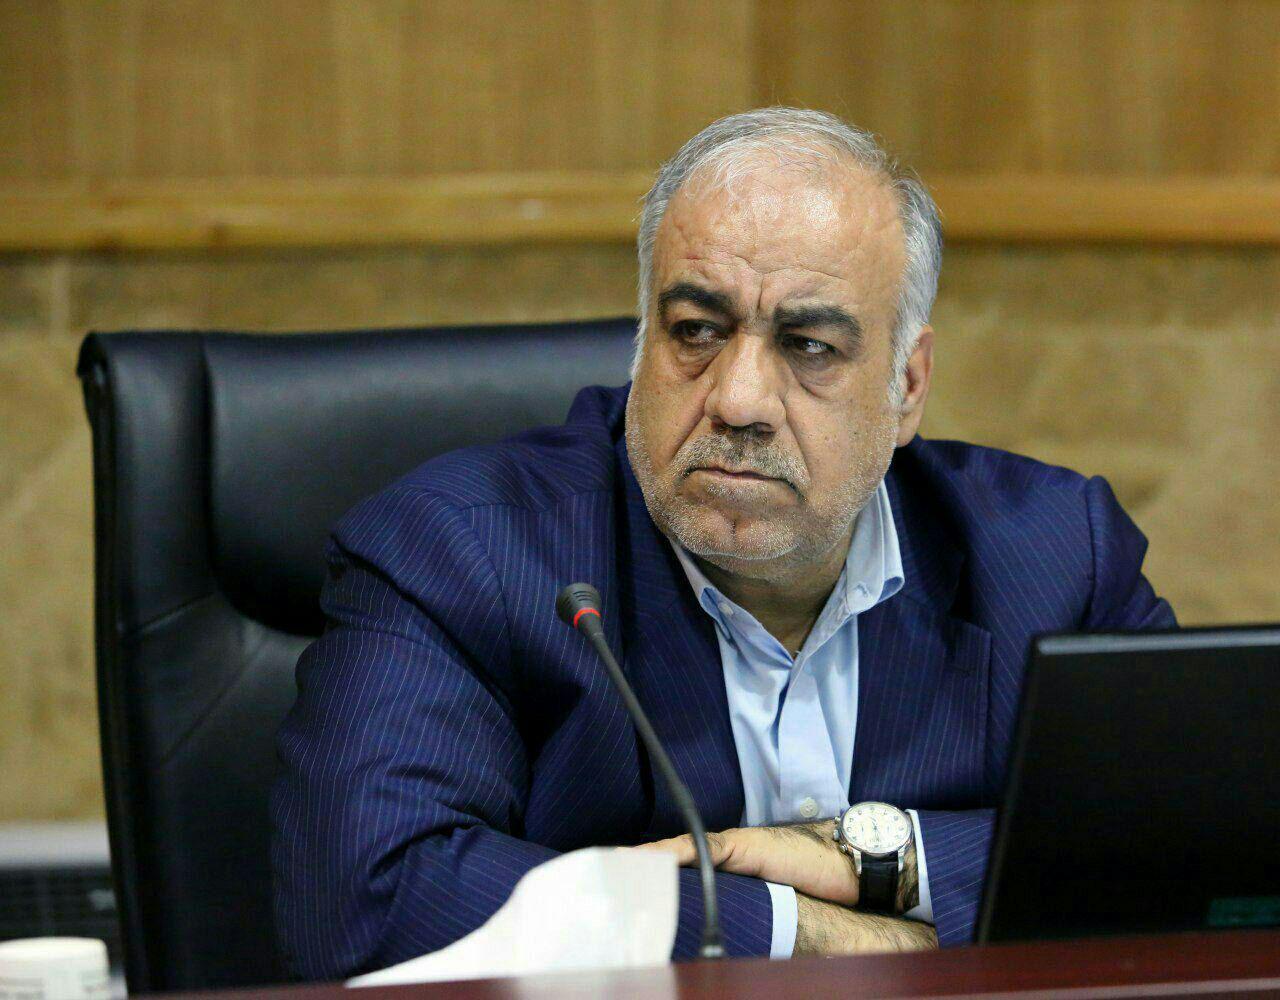 ۵۰ کشور خارجی با ایران ارتباط خوبی دارند و میتوان از سفیران آنها برای جذب فاینانس دعوت کرد